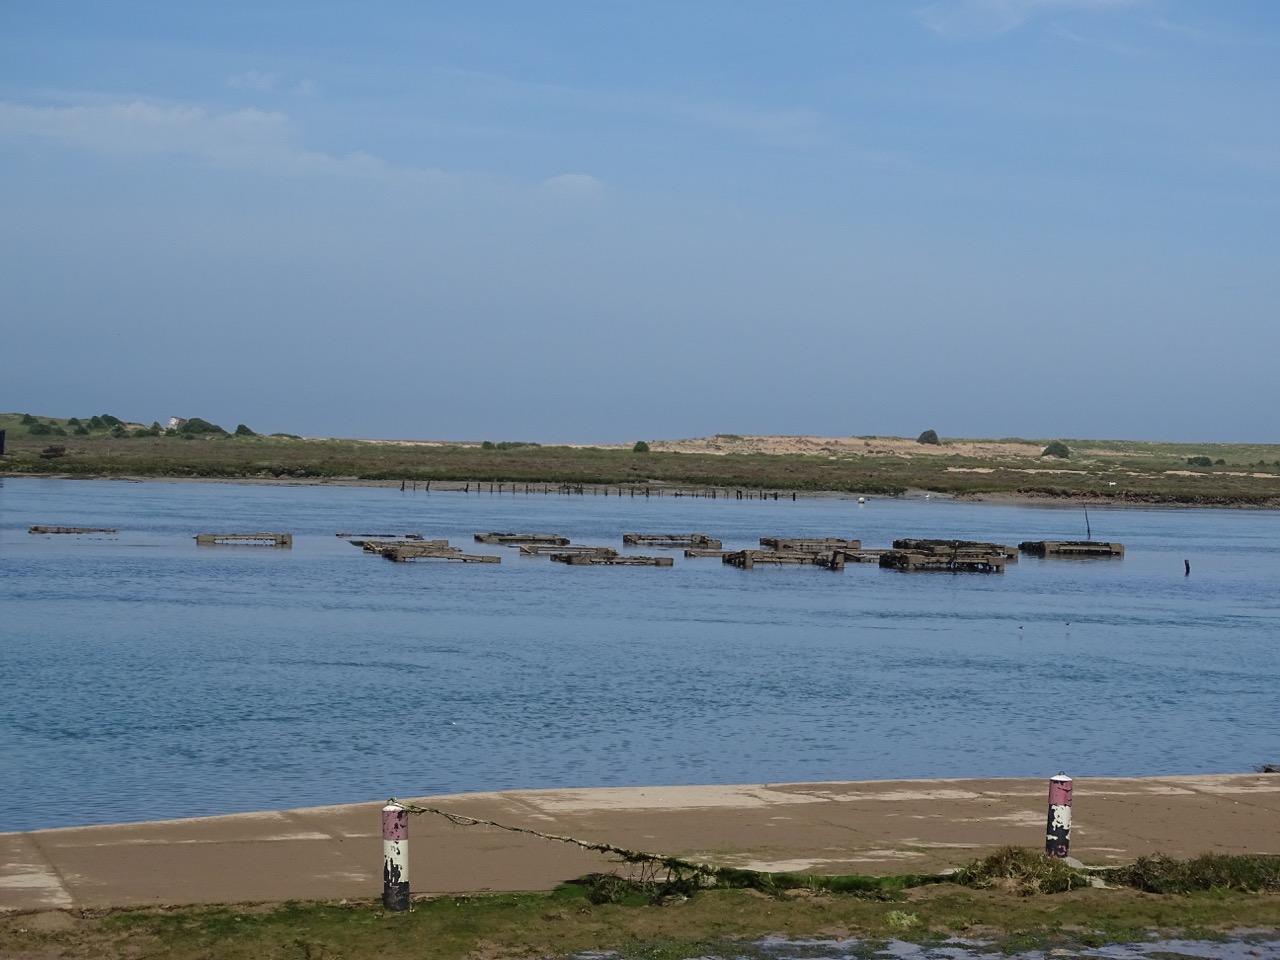 The oyster farm